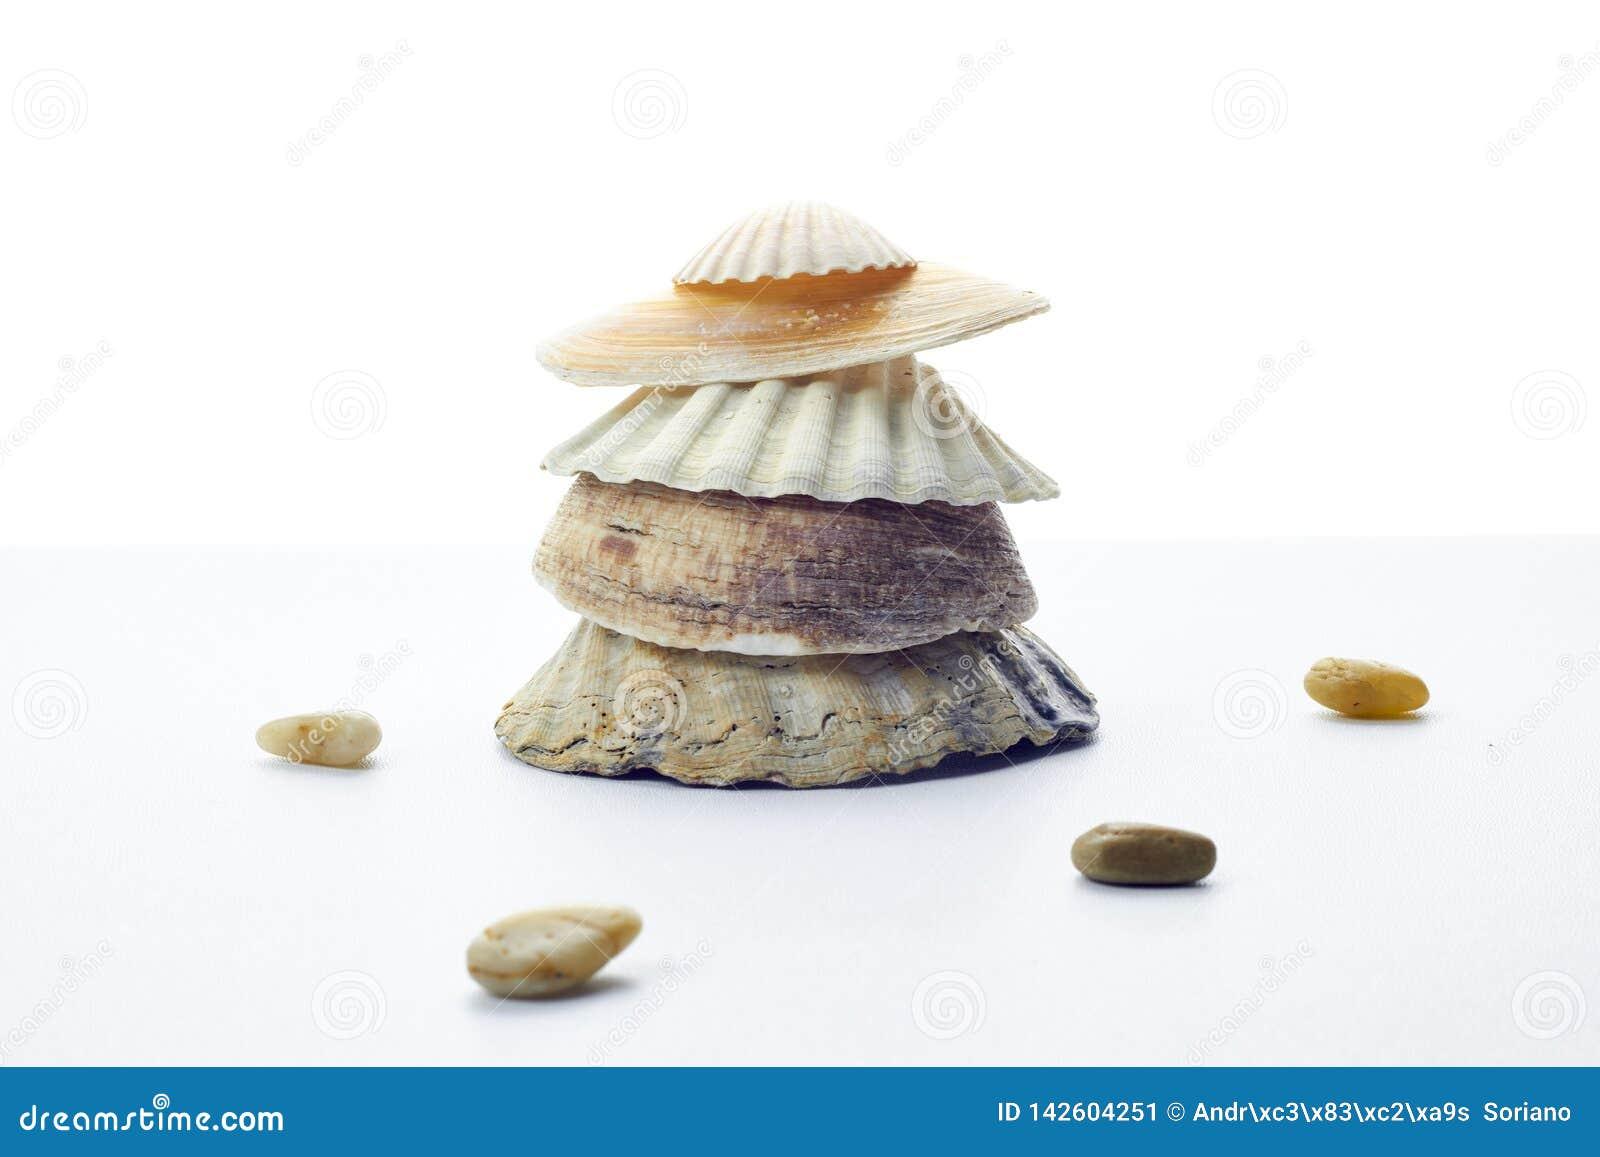 Toren die met shells op een witte achtergrond wordt gemaakt